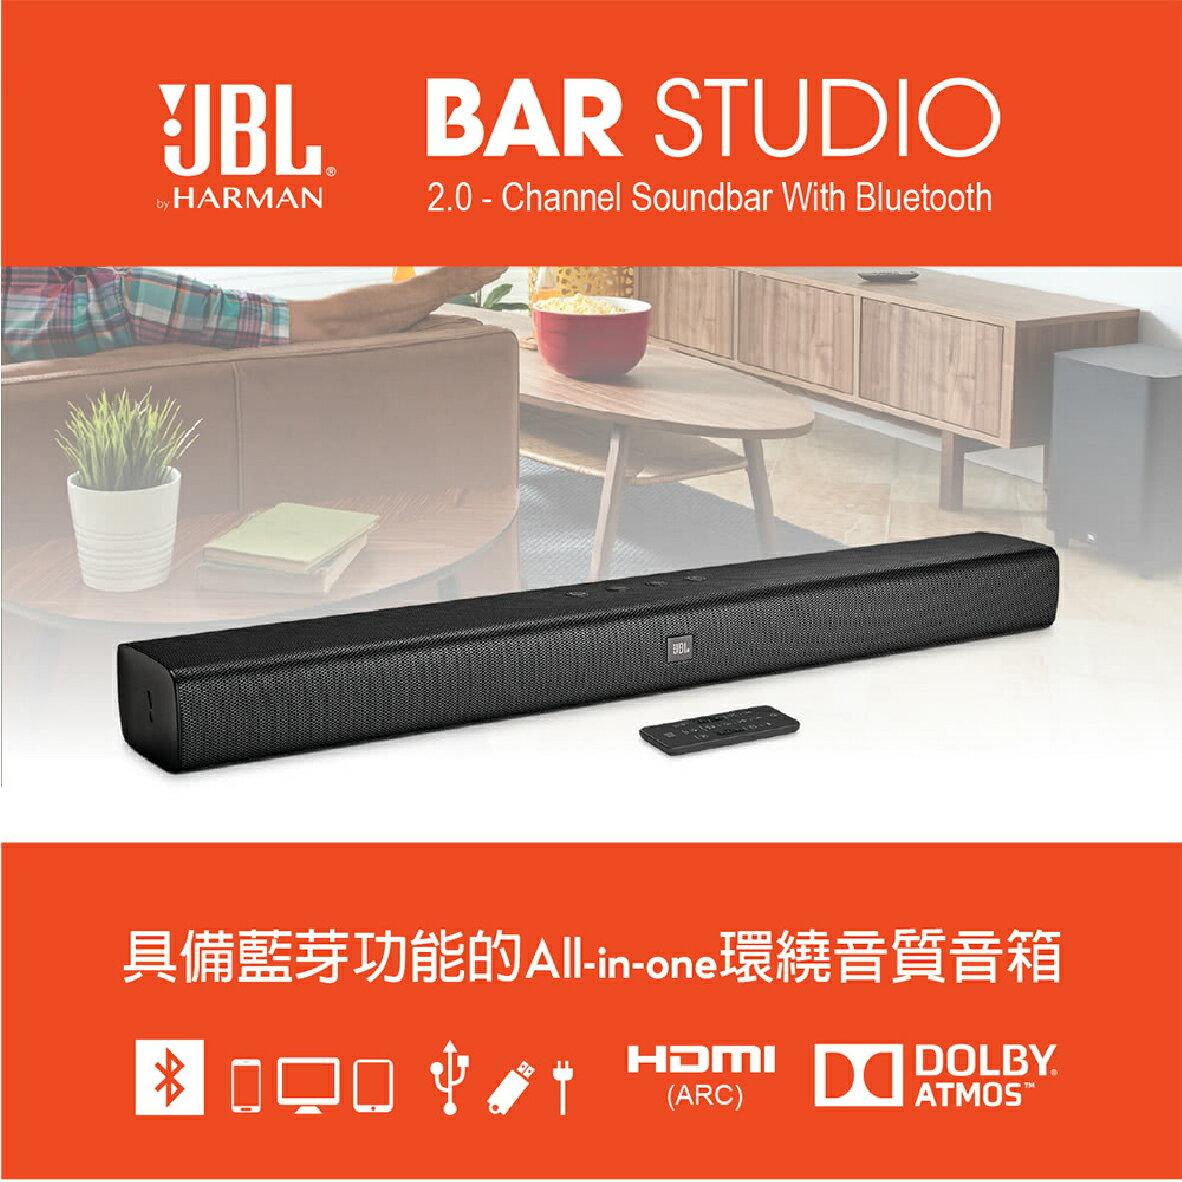 JBL Bar Studio 環繞 HDMI接電視 聲霸 藍芽 喇叭 | 金曲音響